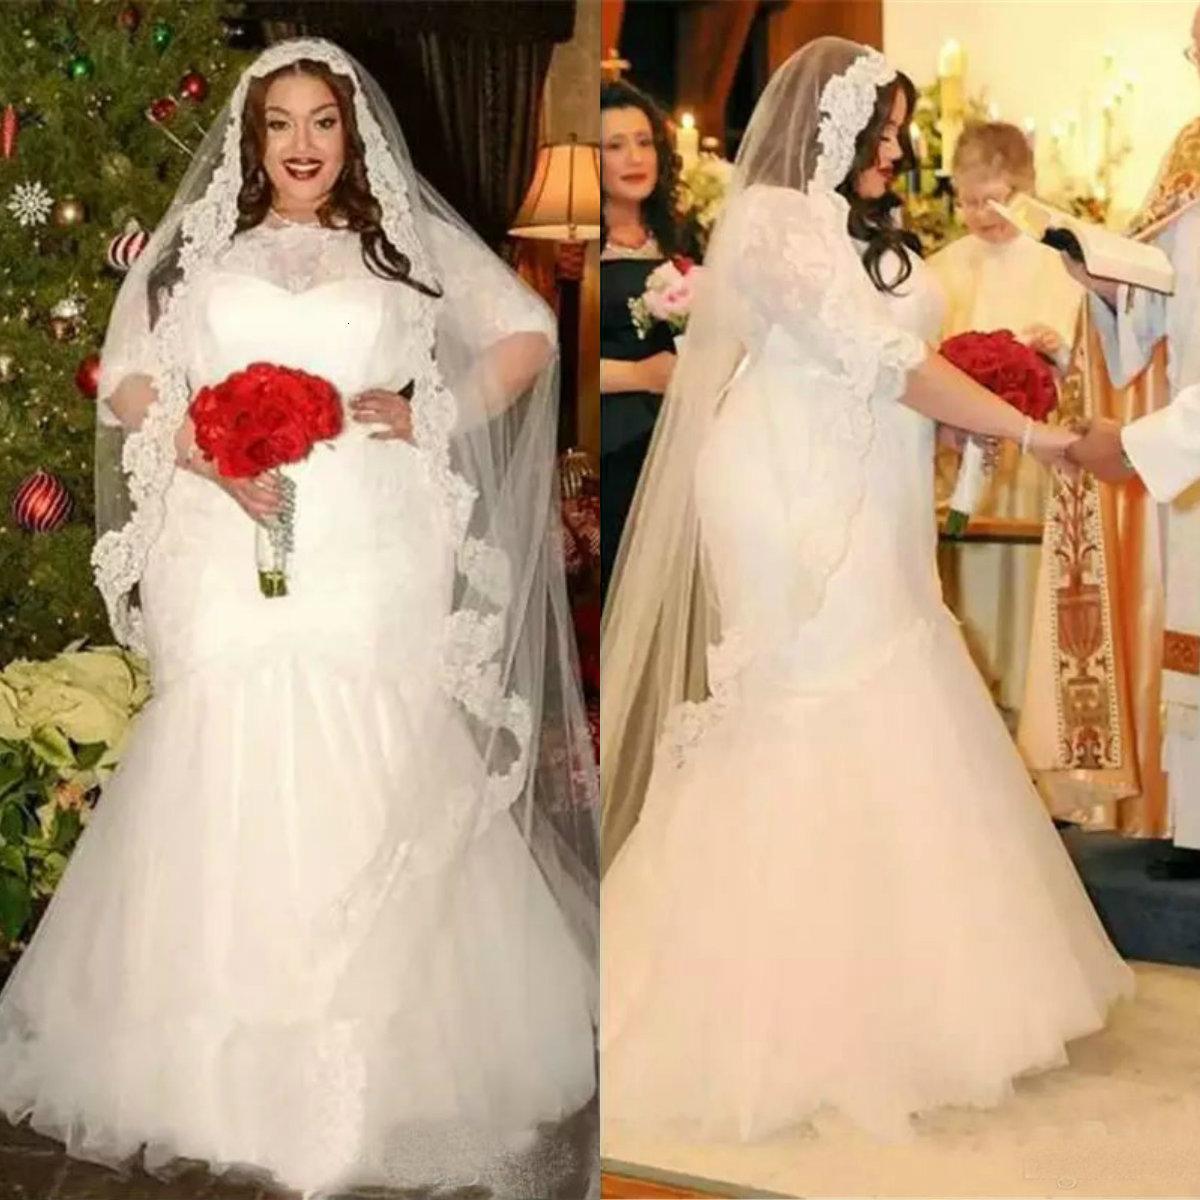 Robe de mariée modeste Plus de taille en dentelle en dentelle en dentelle appliquée Tulle Tulle Mermaid Robes de mariée personnalisées Robes de mariée personnalisées